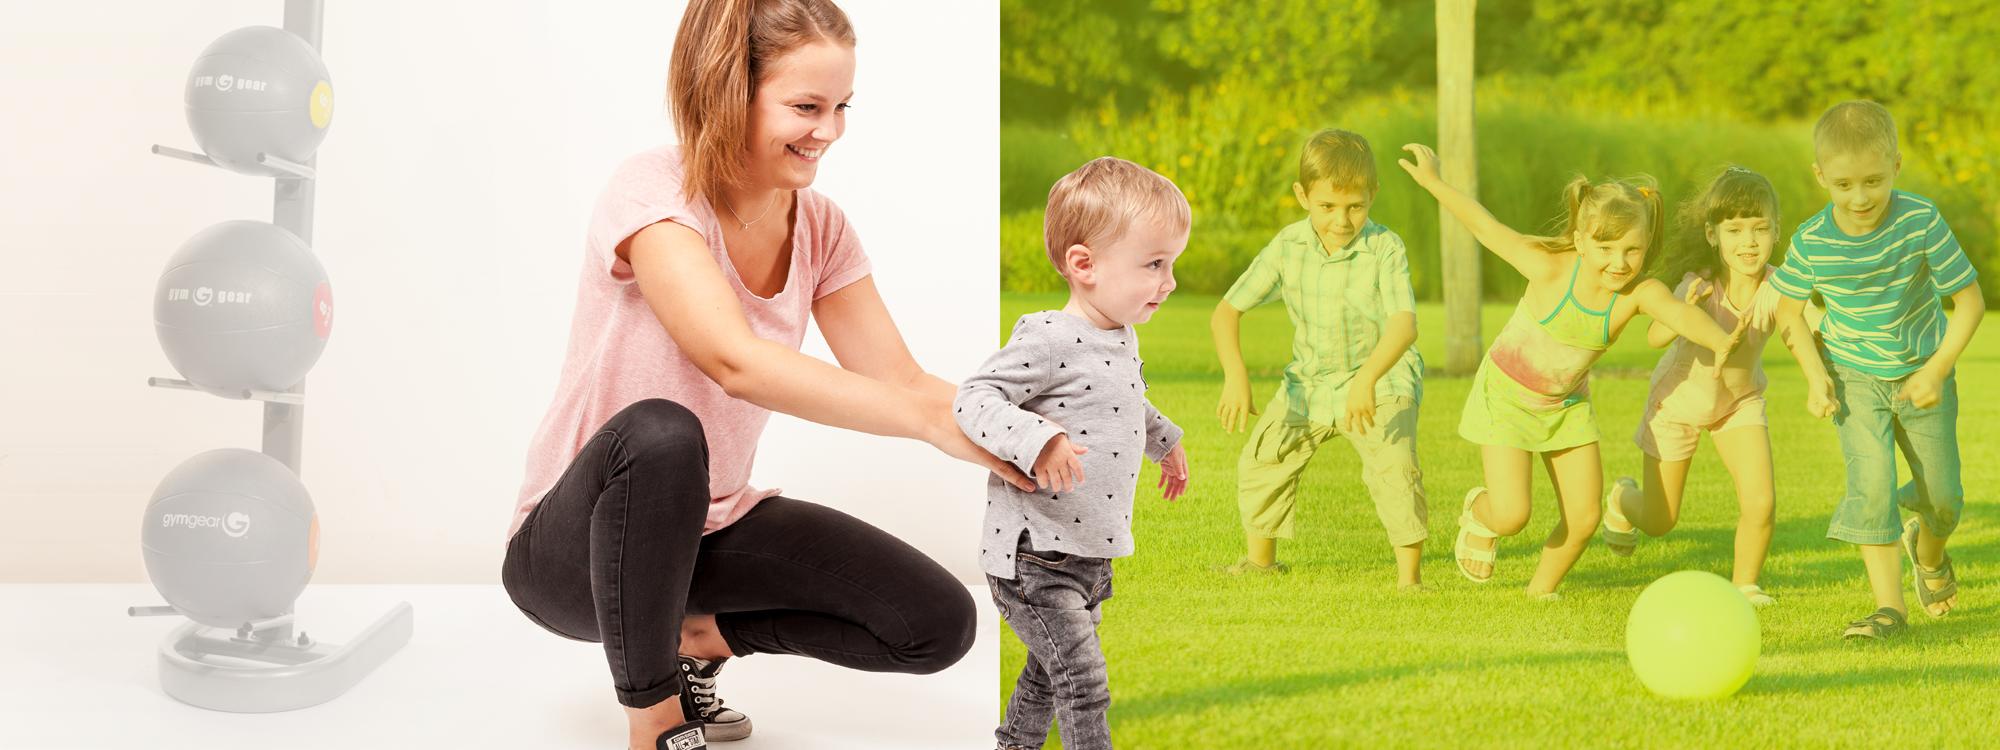 Kinderfysiotherapie, motoriek, ademhaling, astma, groei, groeiproblemen, ontwikkelproblemen kinderen, spelen, leren, kinderbekkentherapie, plasproblemen, poepproblemen, kinderen, fysiotherapie grave, fysiotherapie Boxmeer